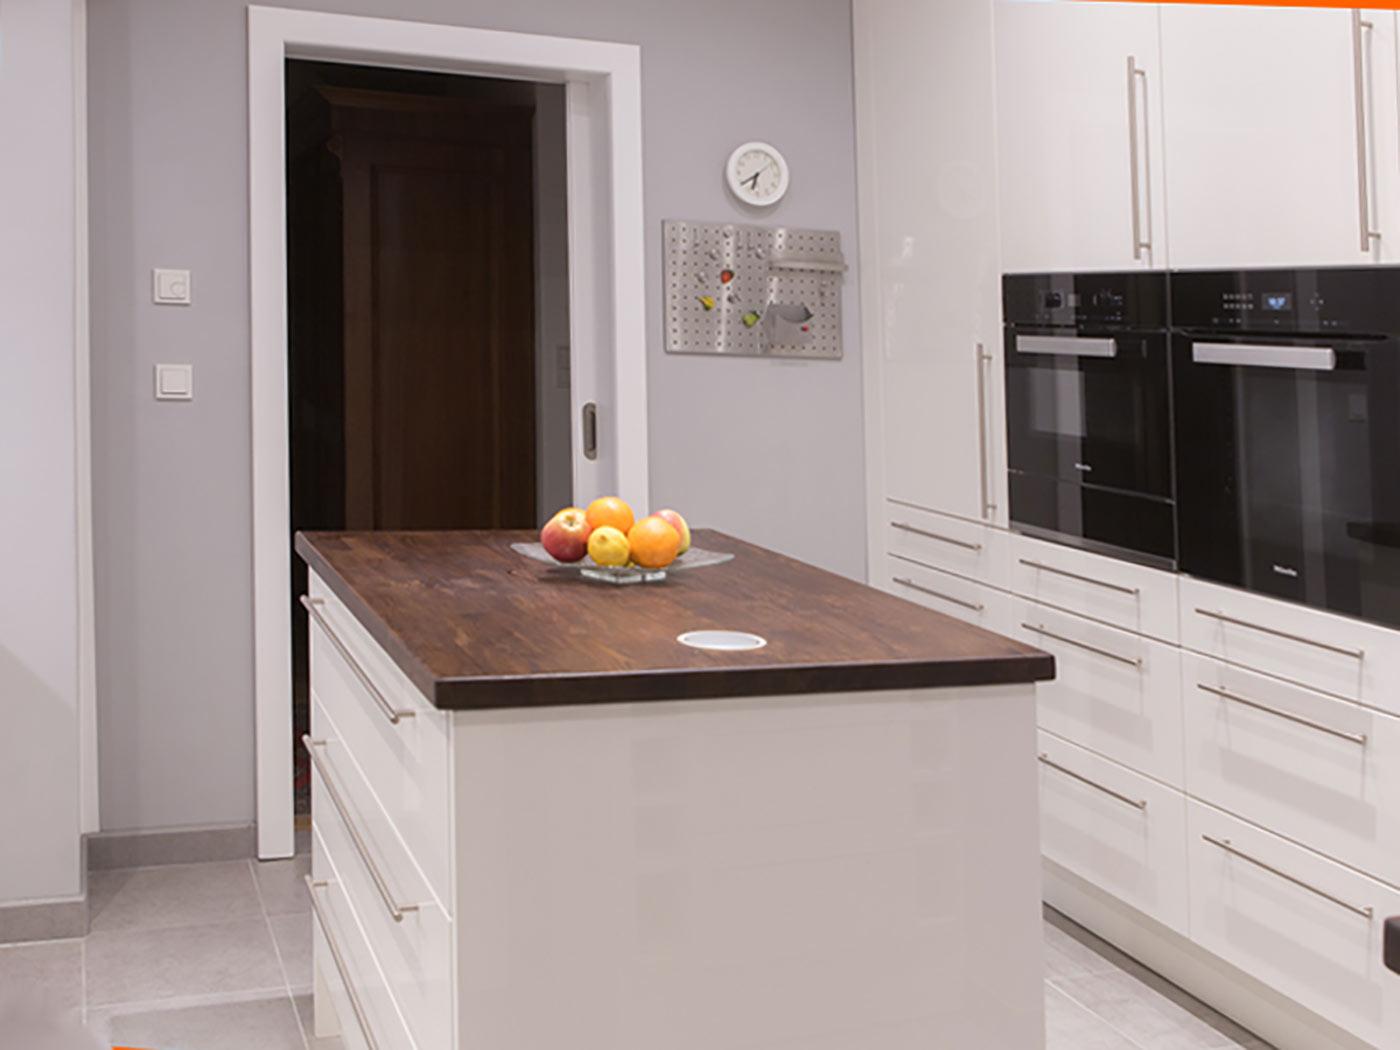 moebelundmehr k chen. Black Bedroom Furniture Sets. Home Design Ideas